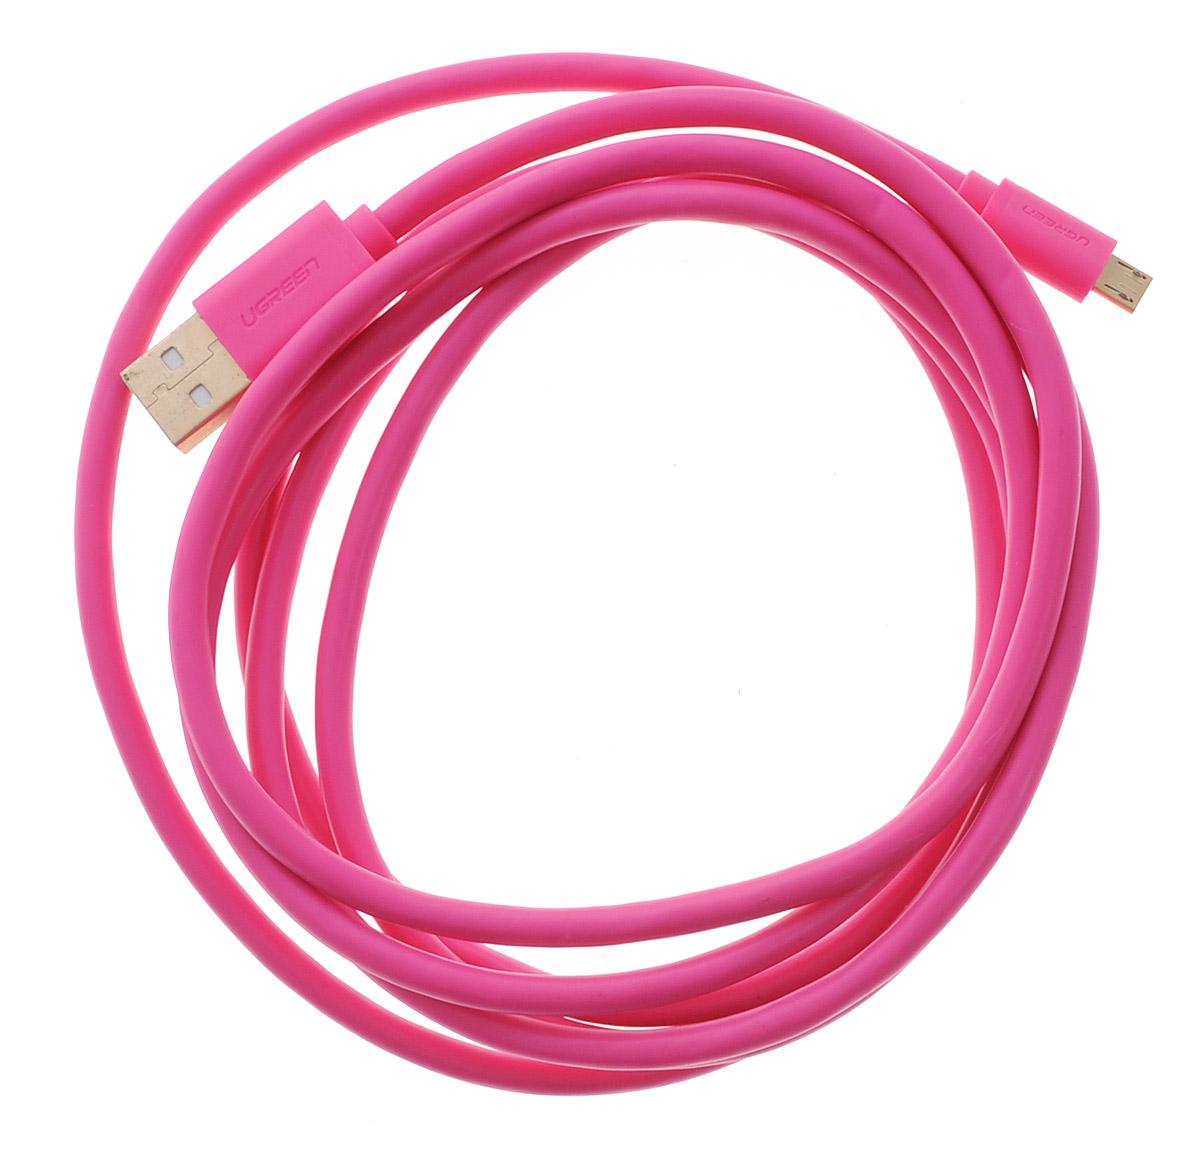 Ugreen Premium UG-10860, Pink кабель-переходник USB 2 мUG-10860Кабель Ugreen Premium UG-10860 позволяет подключать мобильные устройства, которые имеют разъем microUSB 5pin к USB AF разъему компьютера. Подходит для повседневных задач, таких как синхронизация данных и передача файлов. Пропускная способность интерфейса: до 480 Мбит/с Тип оболочки: ПВХ